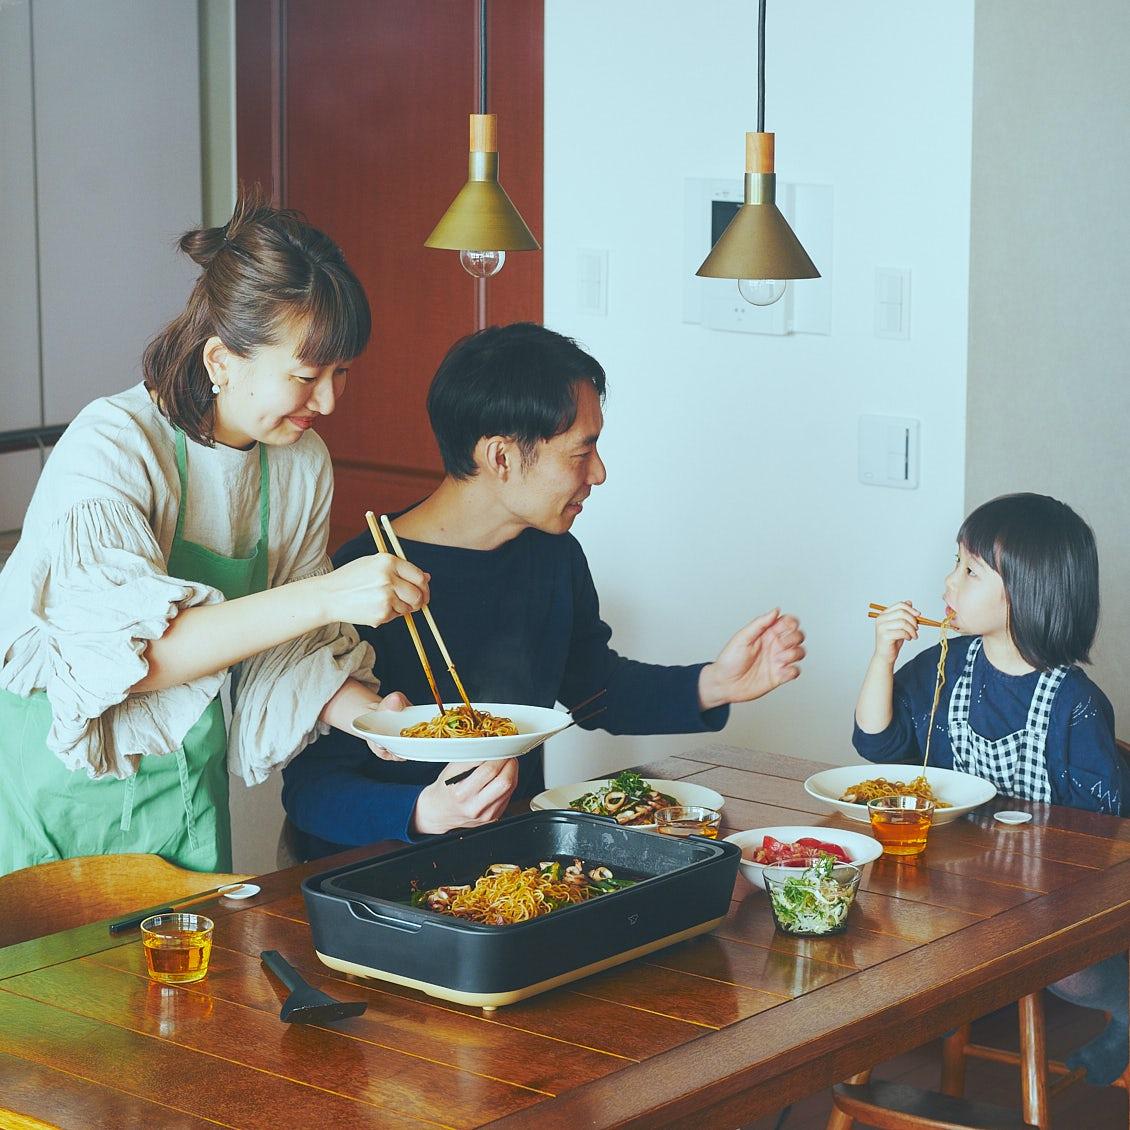 ホットプレート料理を楽しむ親子